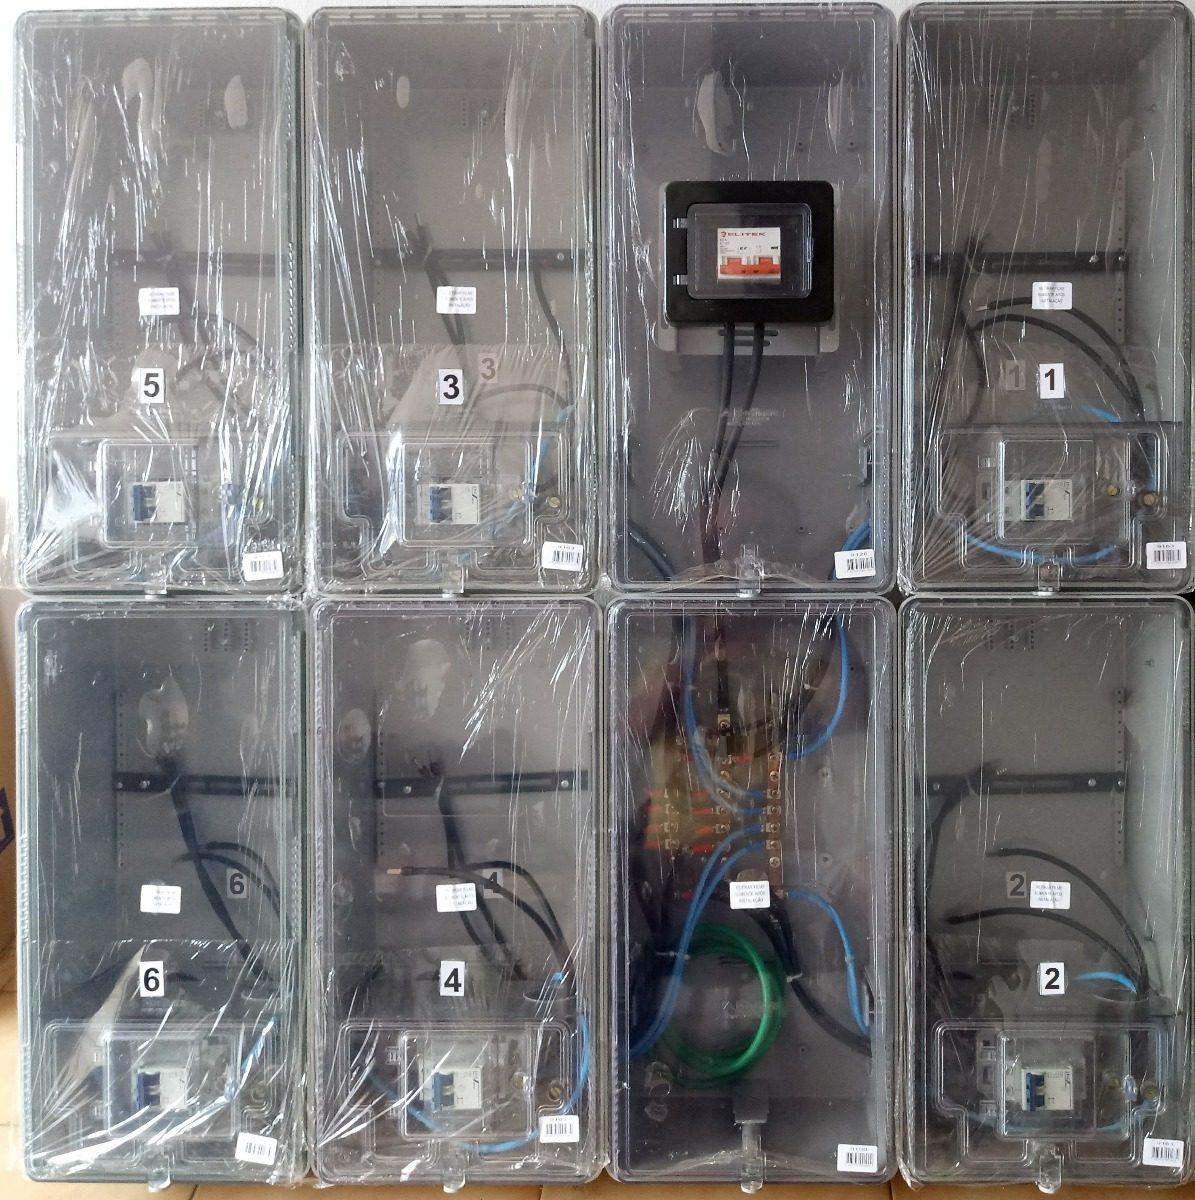 04c06aecbd4 Caixa Luz 6 Medidores Aes Eletropaulo Relógio Medição - R  1.399